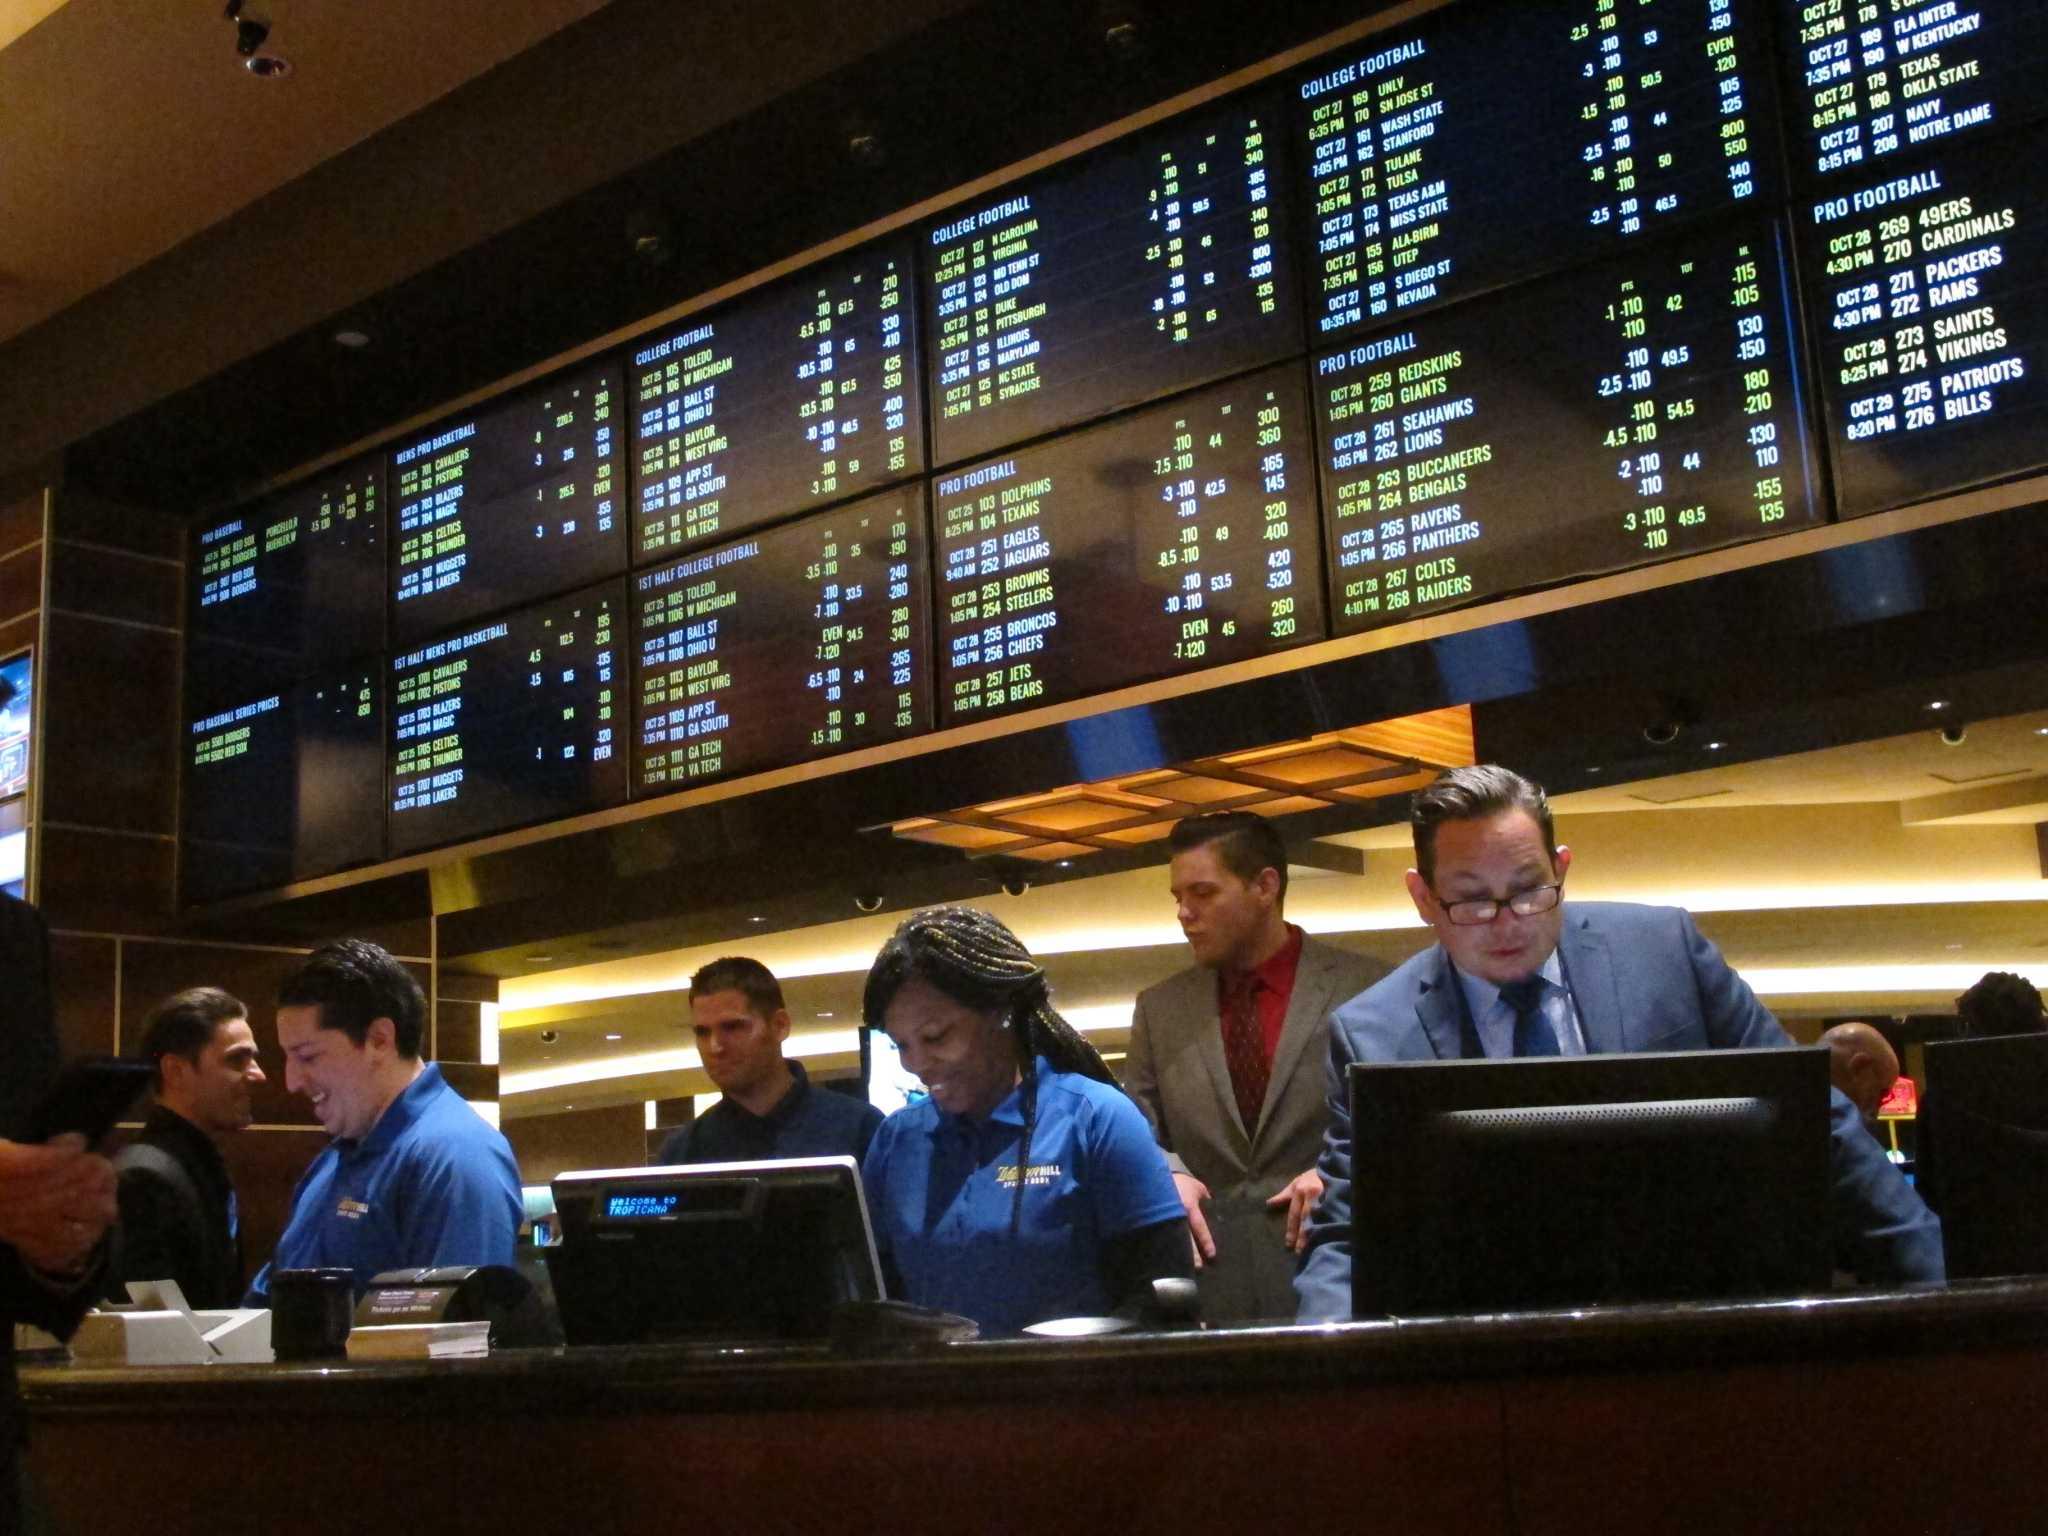 NBA gambling policies